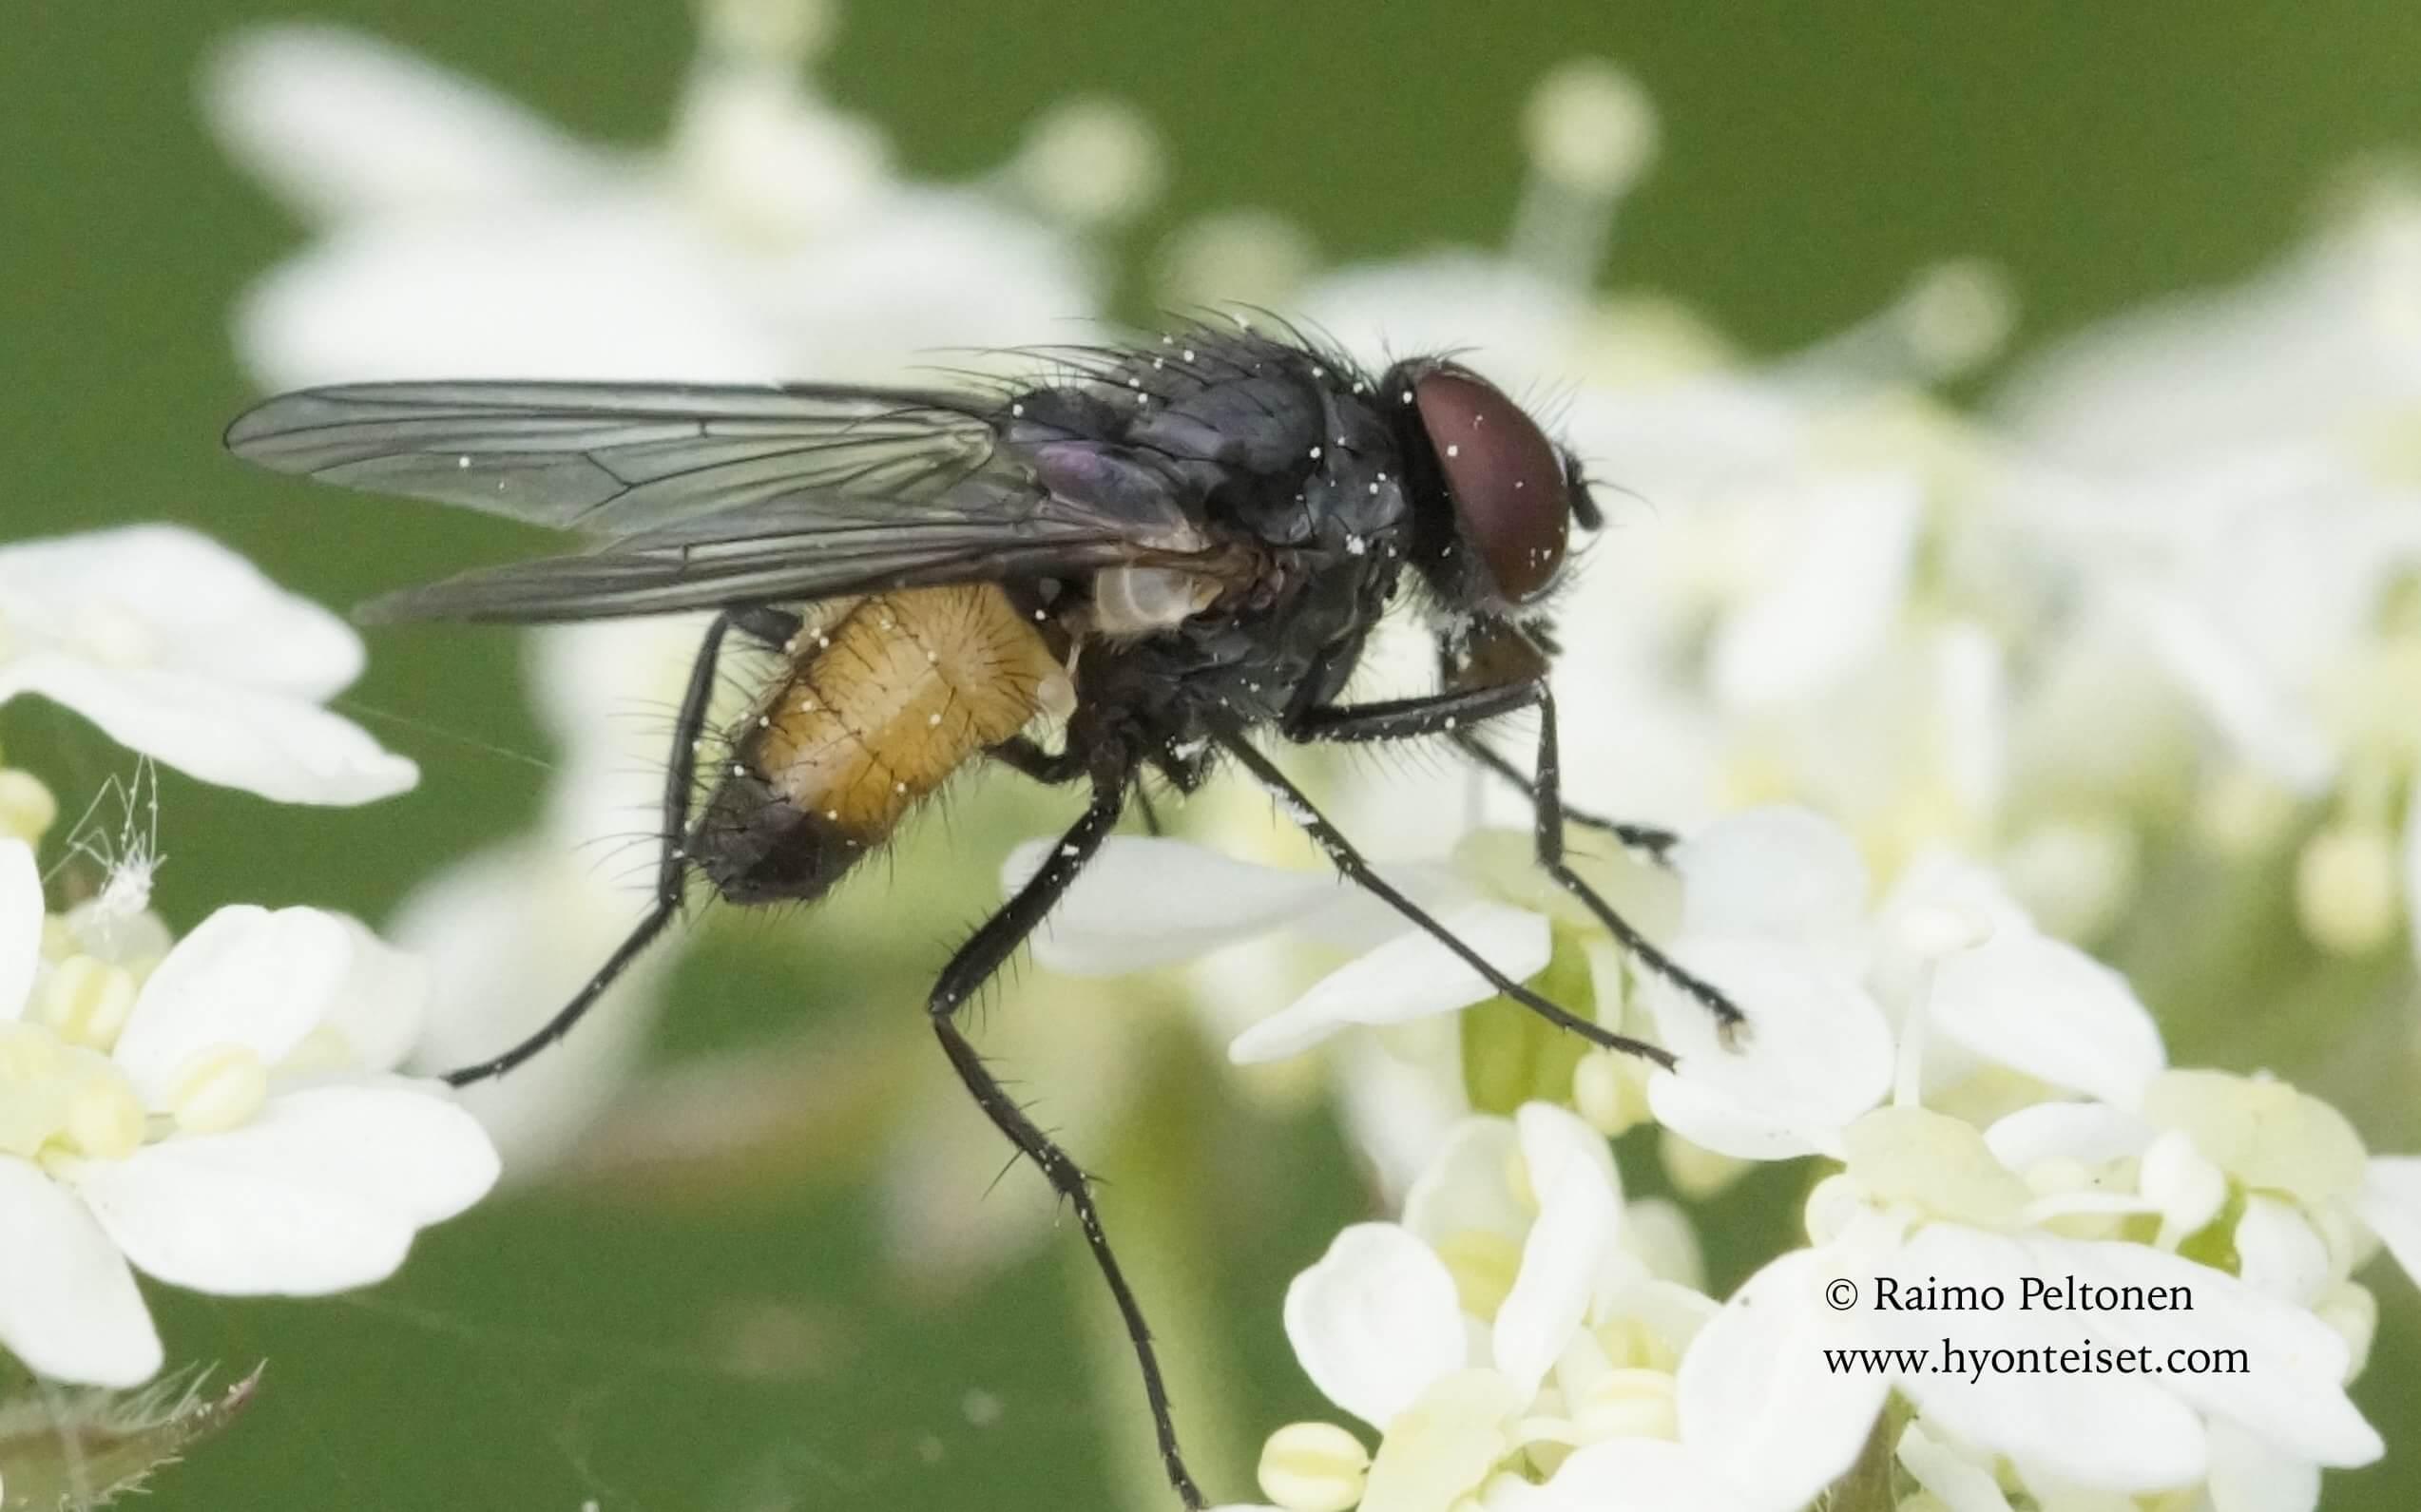 Thricops semicinereus (det. Kaj Winqvist)